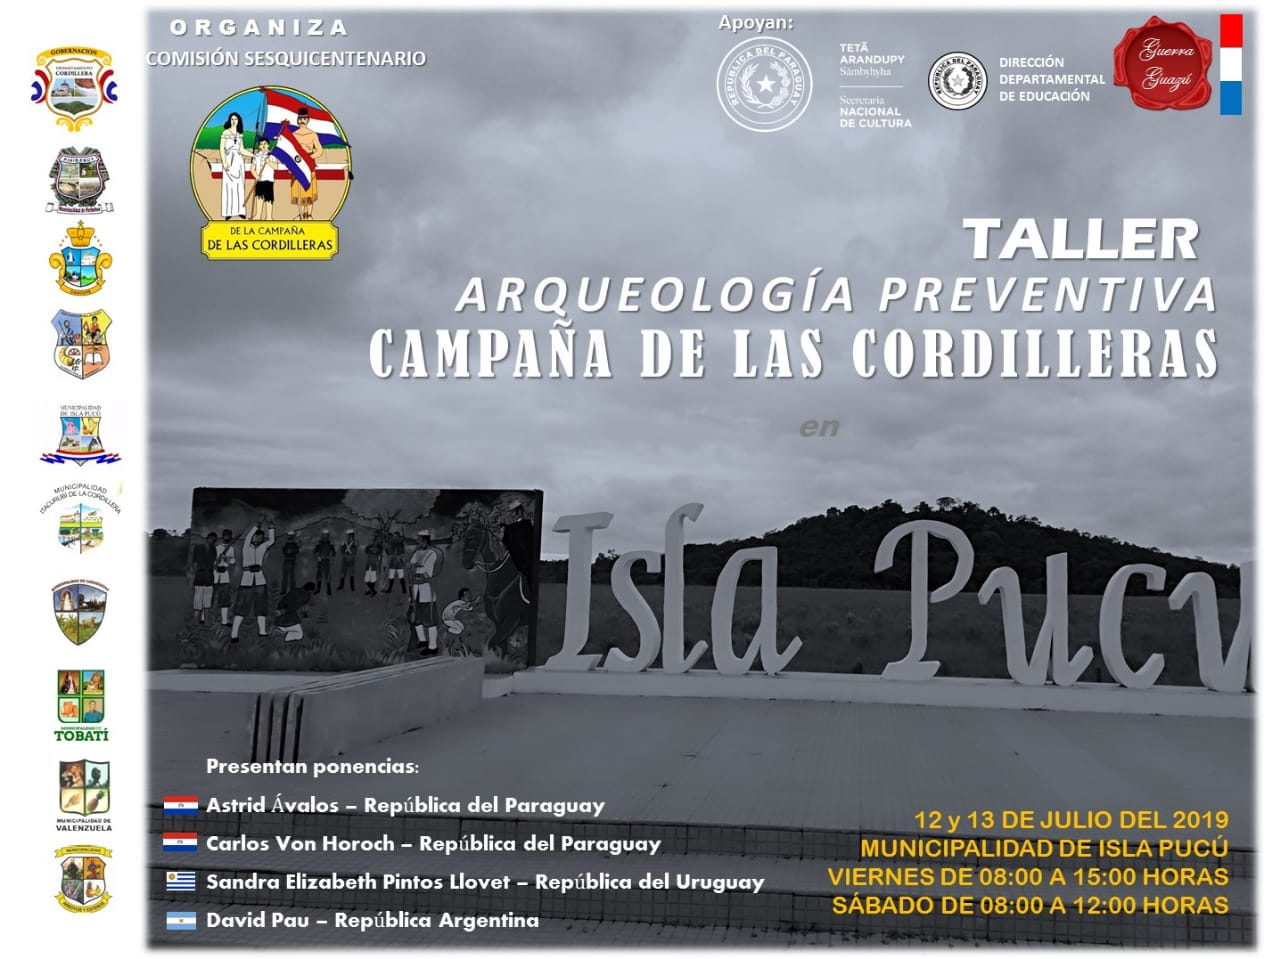 """Realizarán en Isla Pucú el """"Taller de Arqueología Preventiva – Campaña de las Cordilleras"""" imagen"""